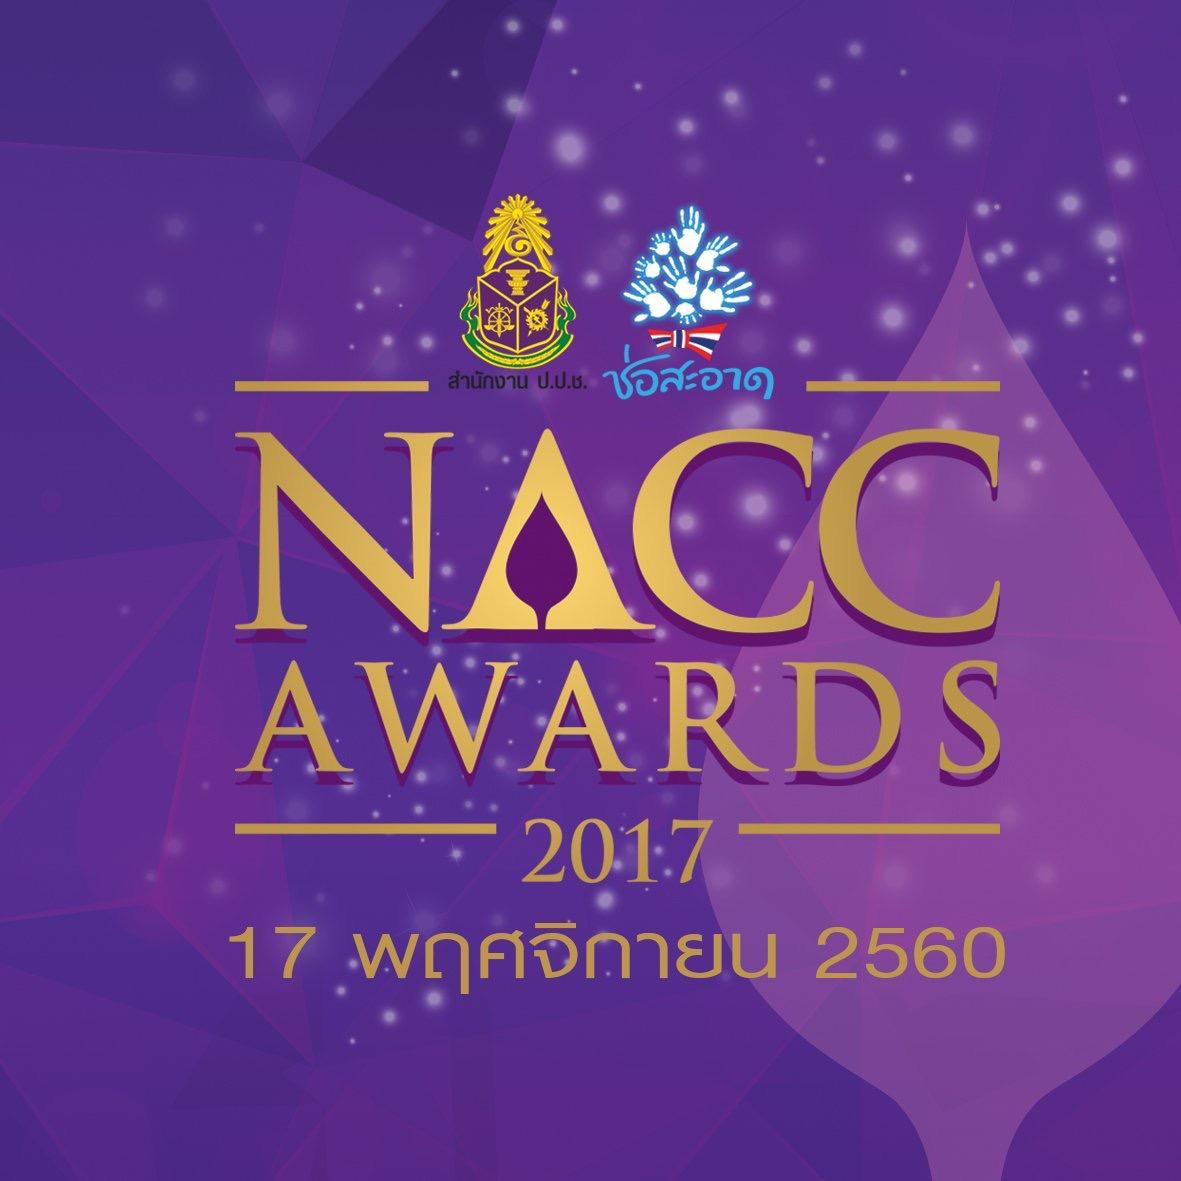 ป.ป.ช.มอบรางวัล NACC Award 2017 เนื่องในโอกาสครบรอบ 18 ปี